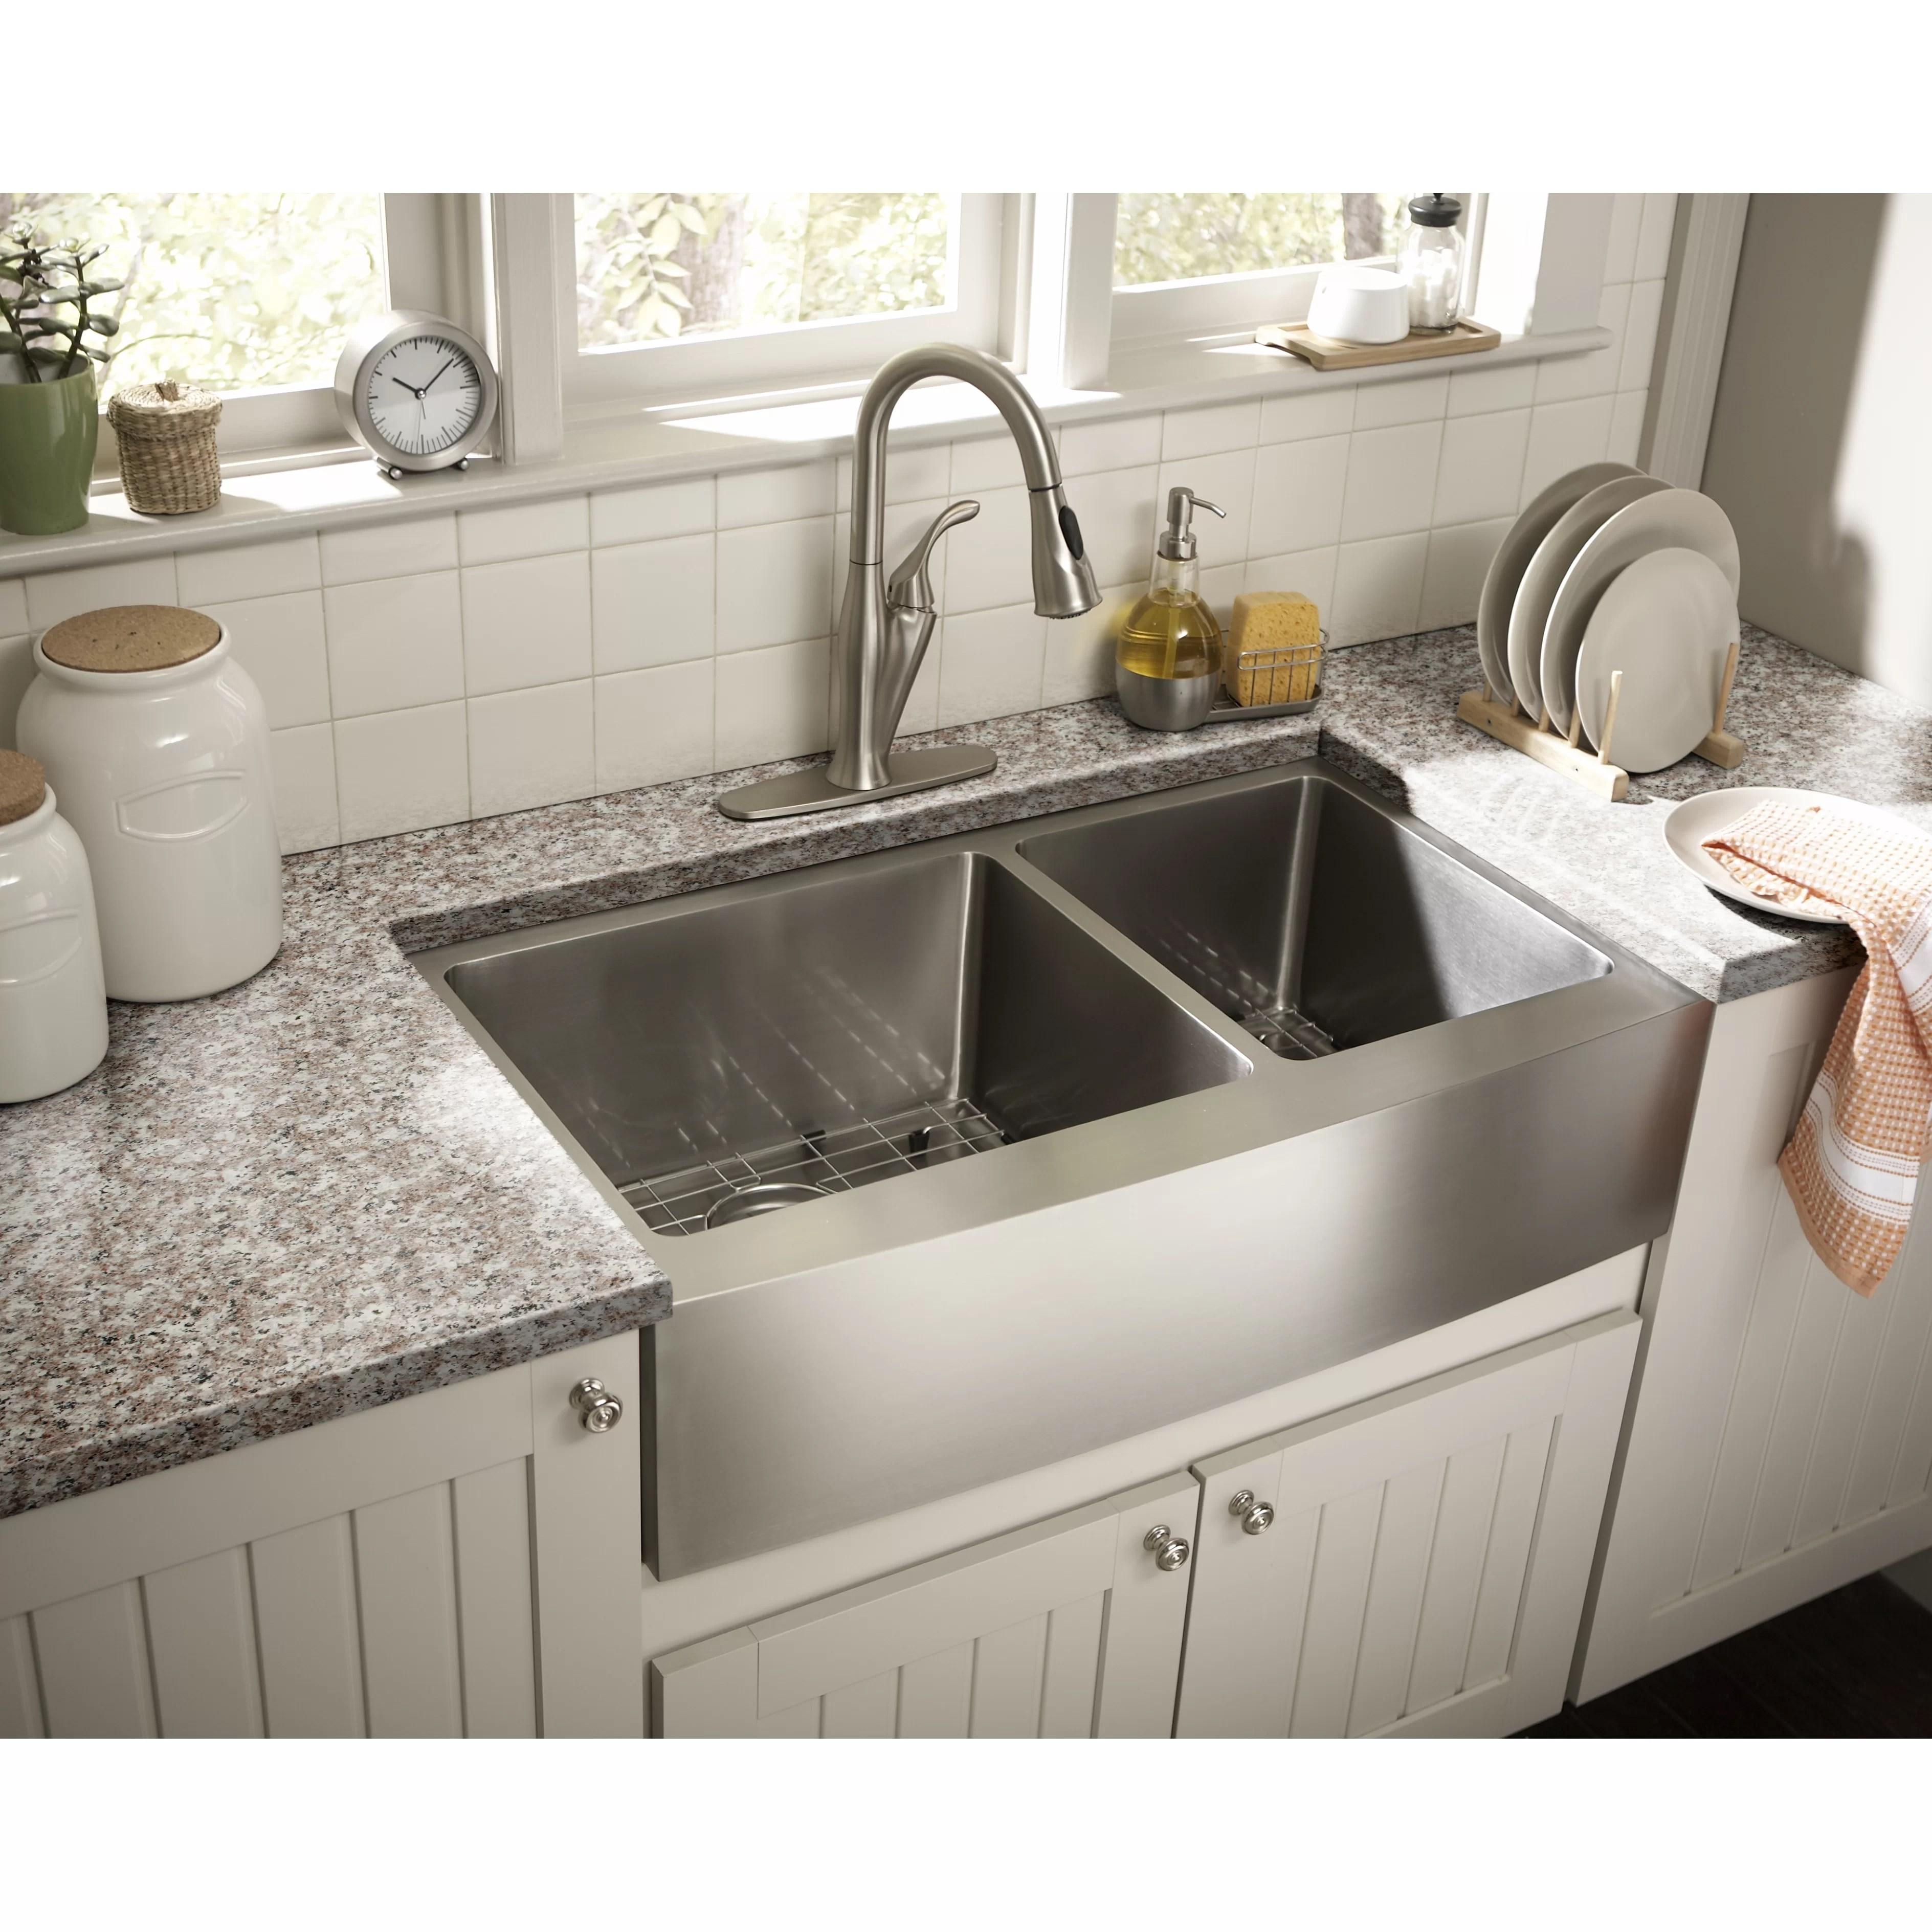 schon farmhouse 36 x 21 25 undermount double bowl on kitchens with farmhouse sinks id=90067